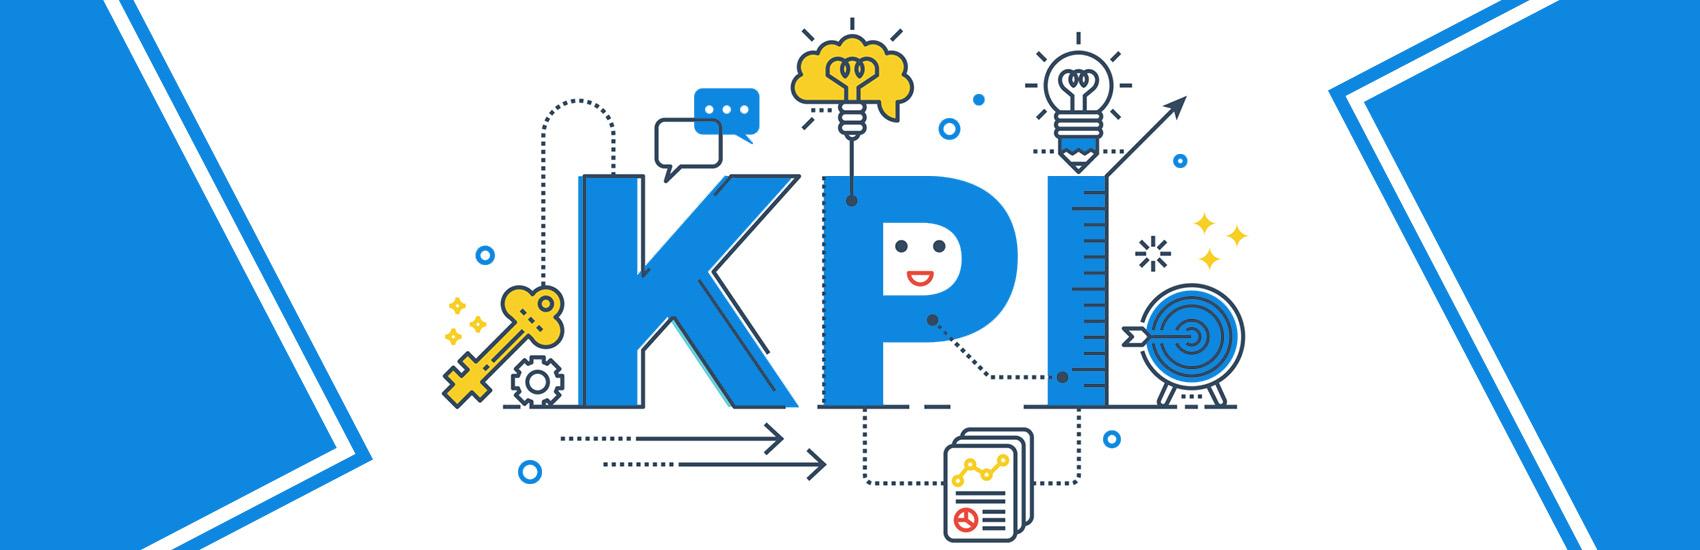 Разработка KPI для эффективной работы сотрудников — пример реальной задачи, поступившей от клиента